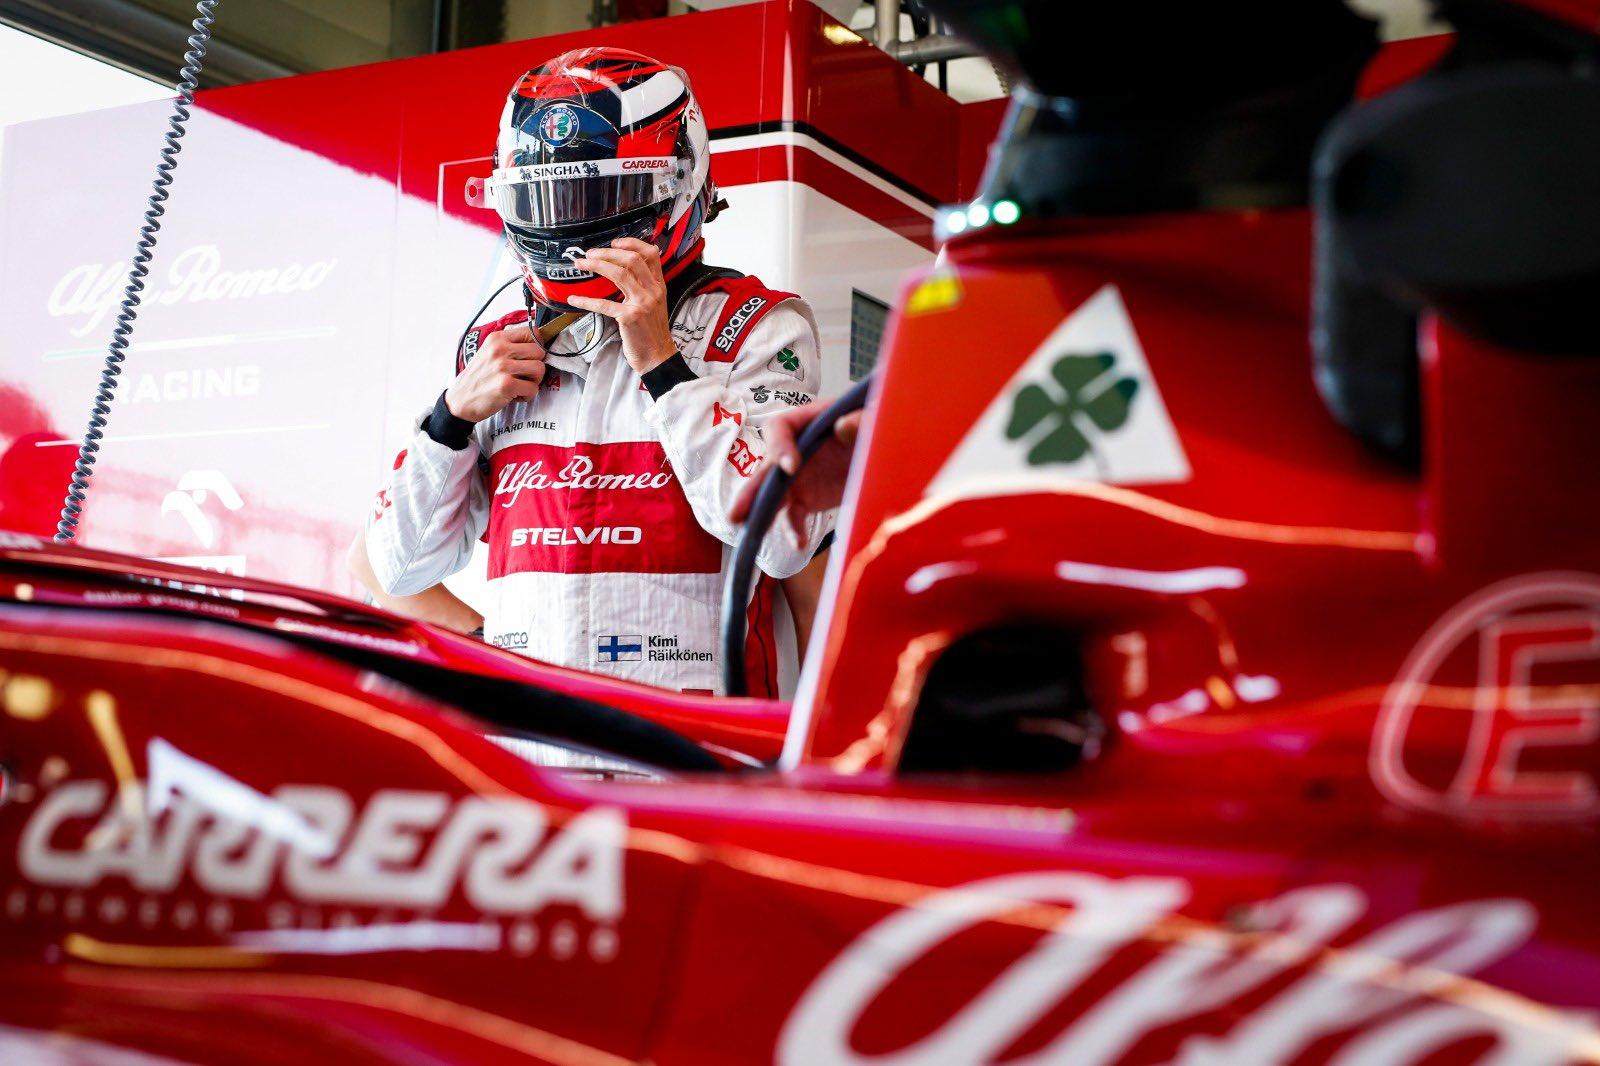 Seizième sur la grille, Raikkonen pense pouvoir terminer dans le top 10 en course à Silverstone 1